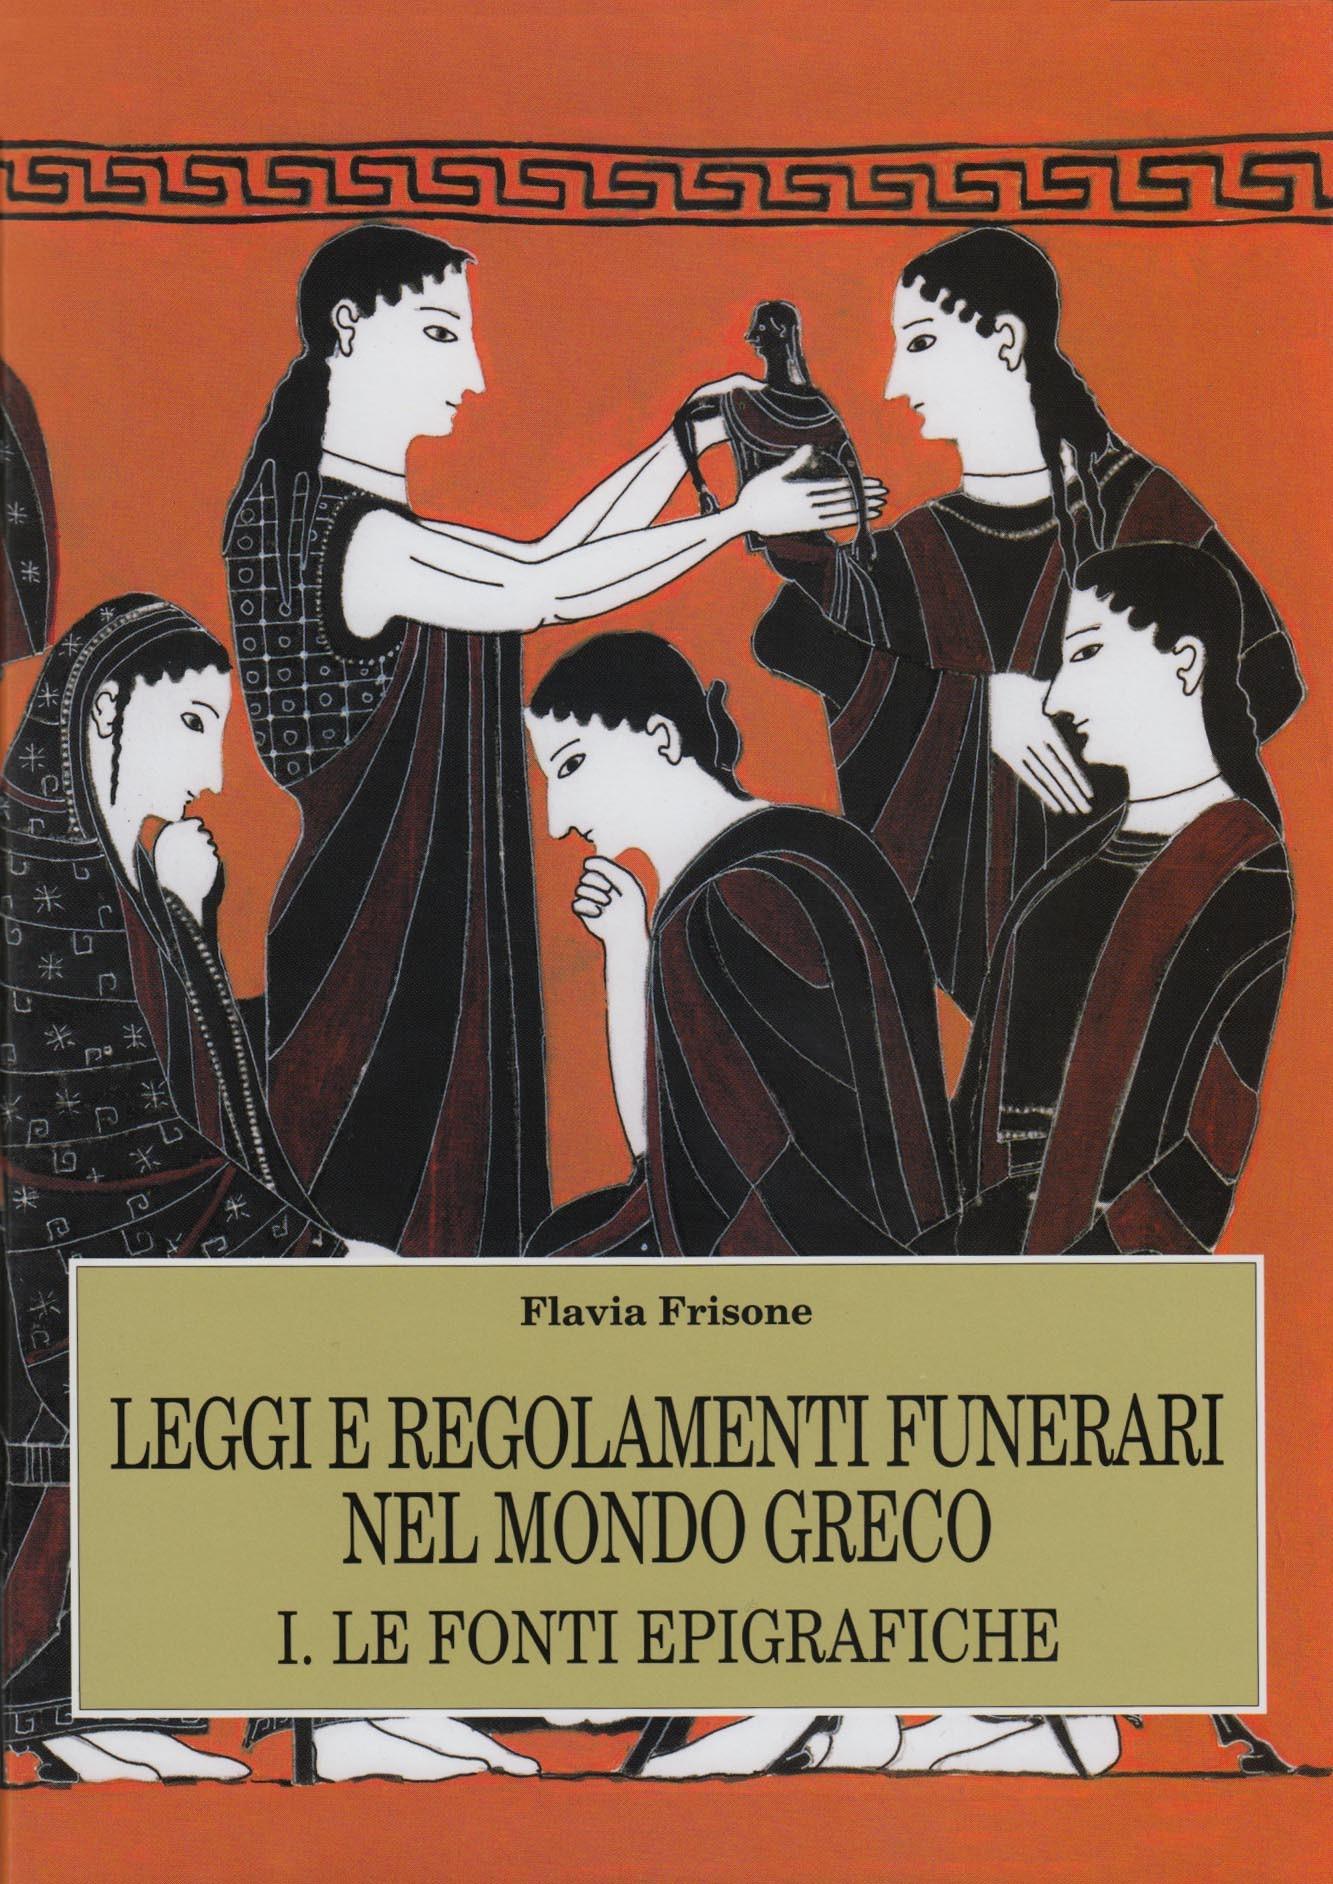 Leggi e regolamenti funerari nel mondo greco, I - Le fonti epigrafiche